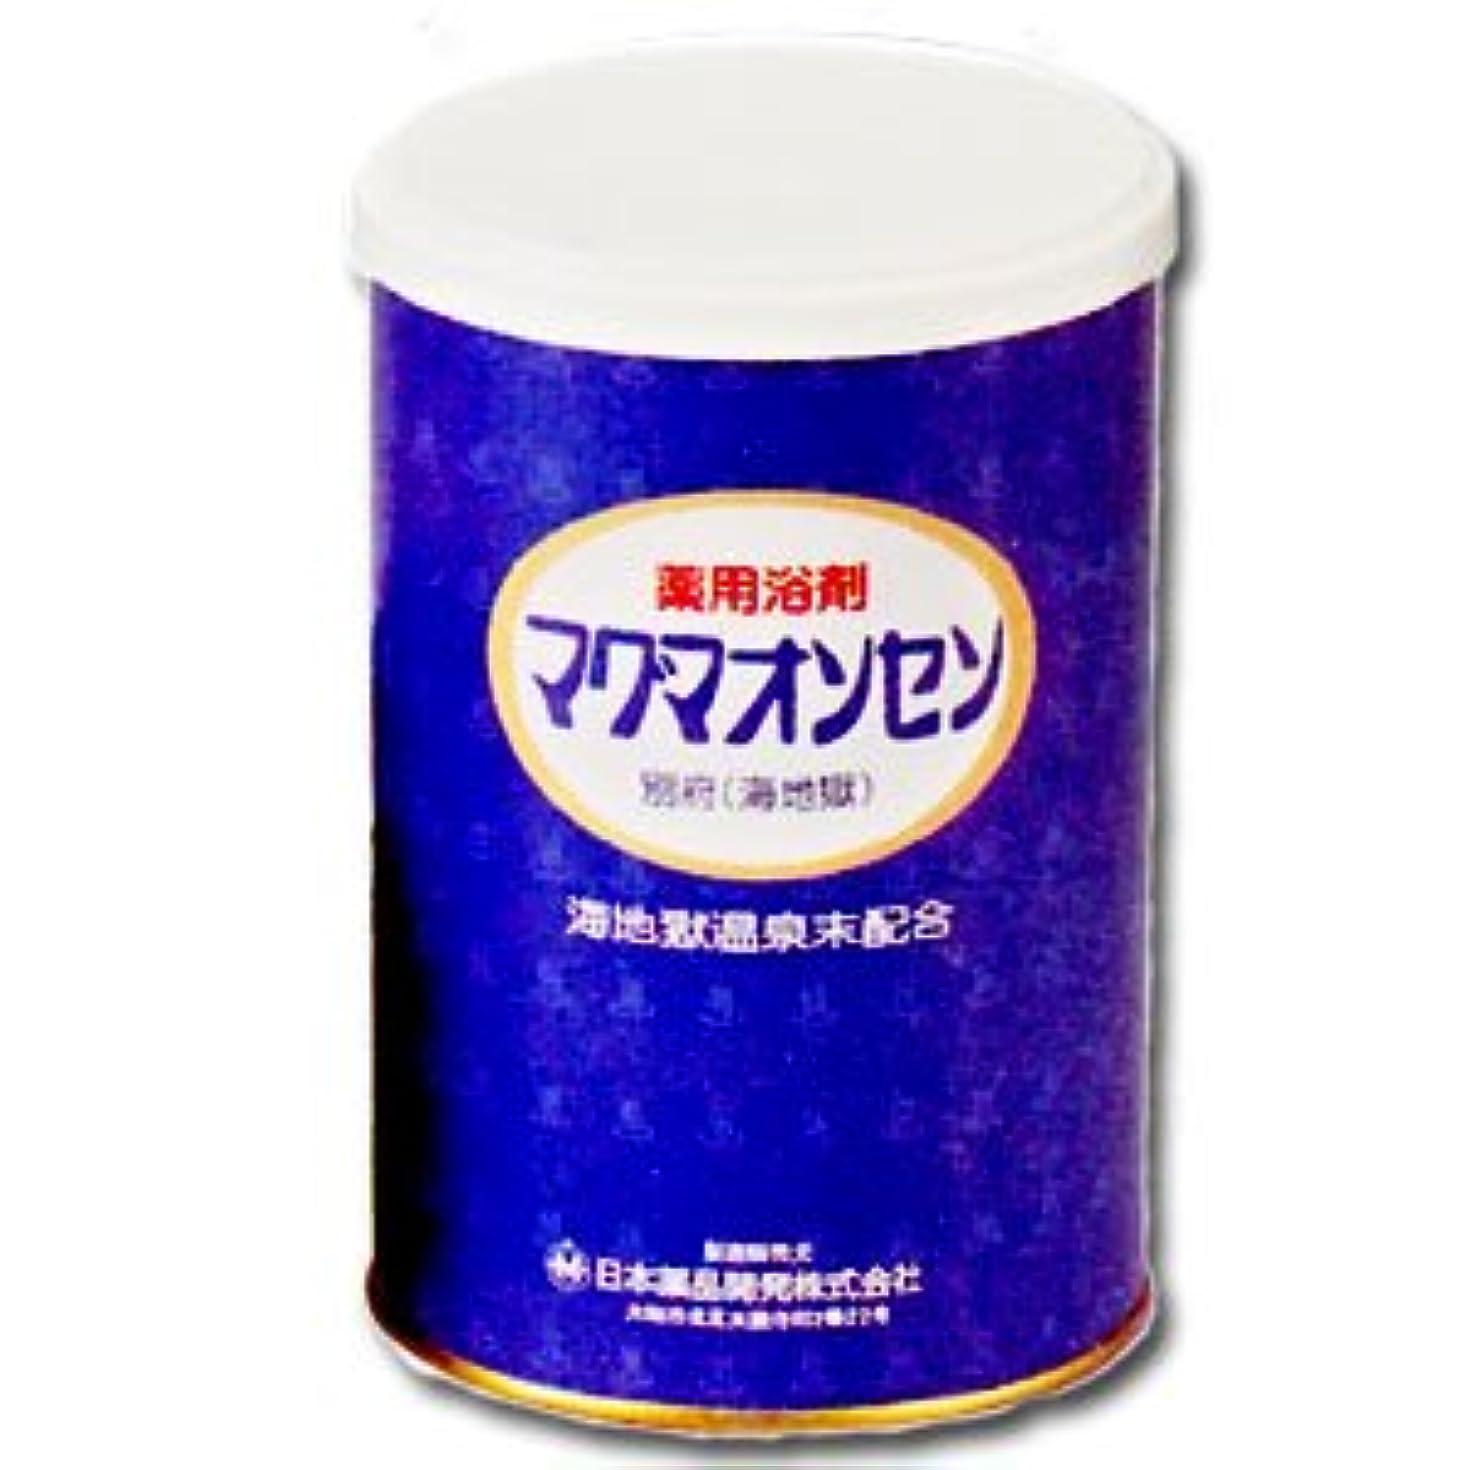 カロリー警戒誤解薬用入浴剤 マグマオンセン(医薬部外品)500g